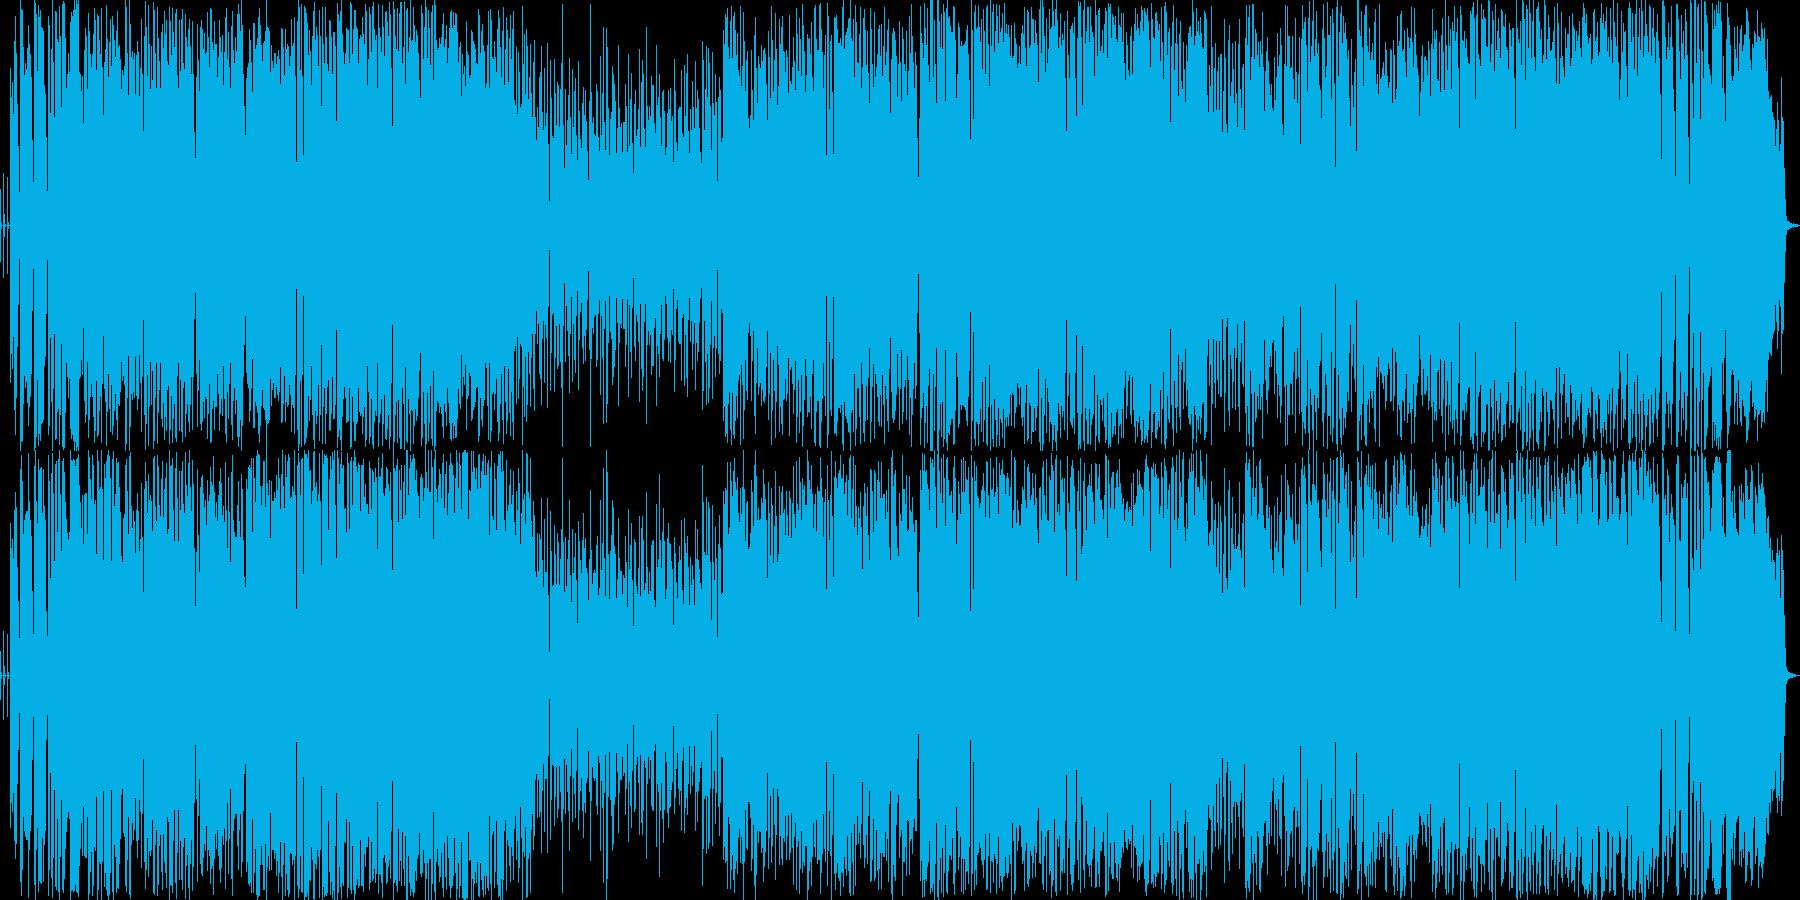 パワフルでおしゃれなビッグバンド曲の再生済みの波形